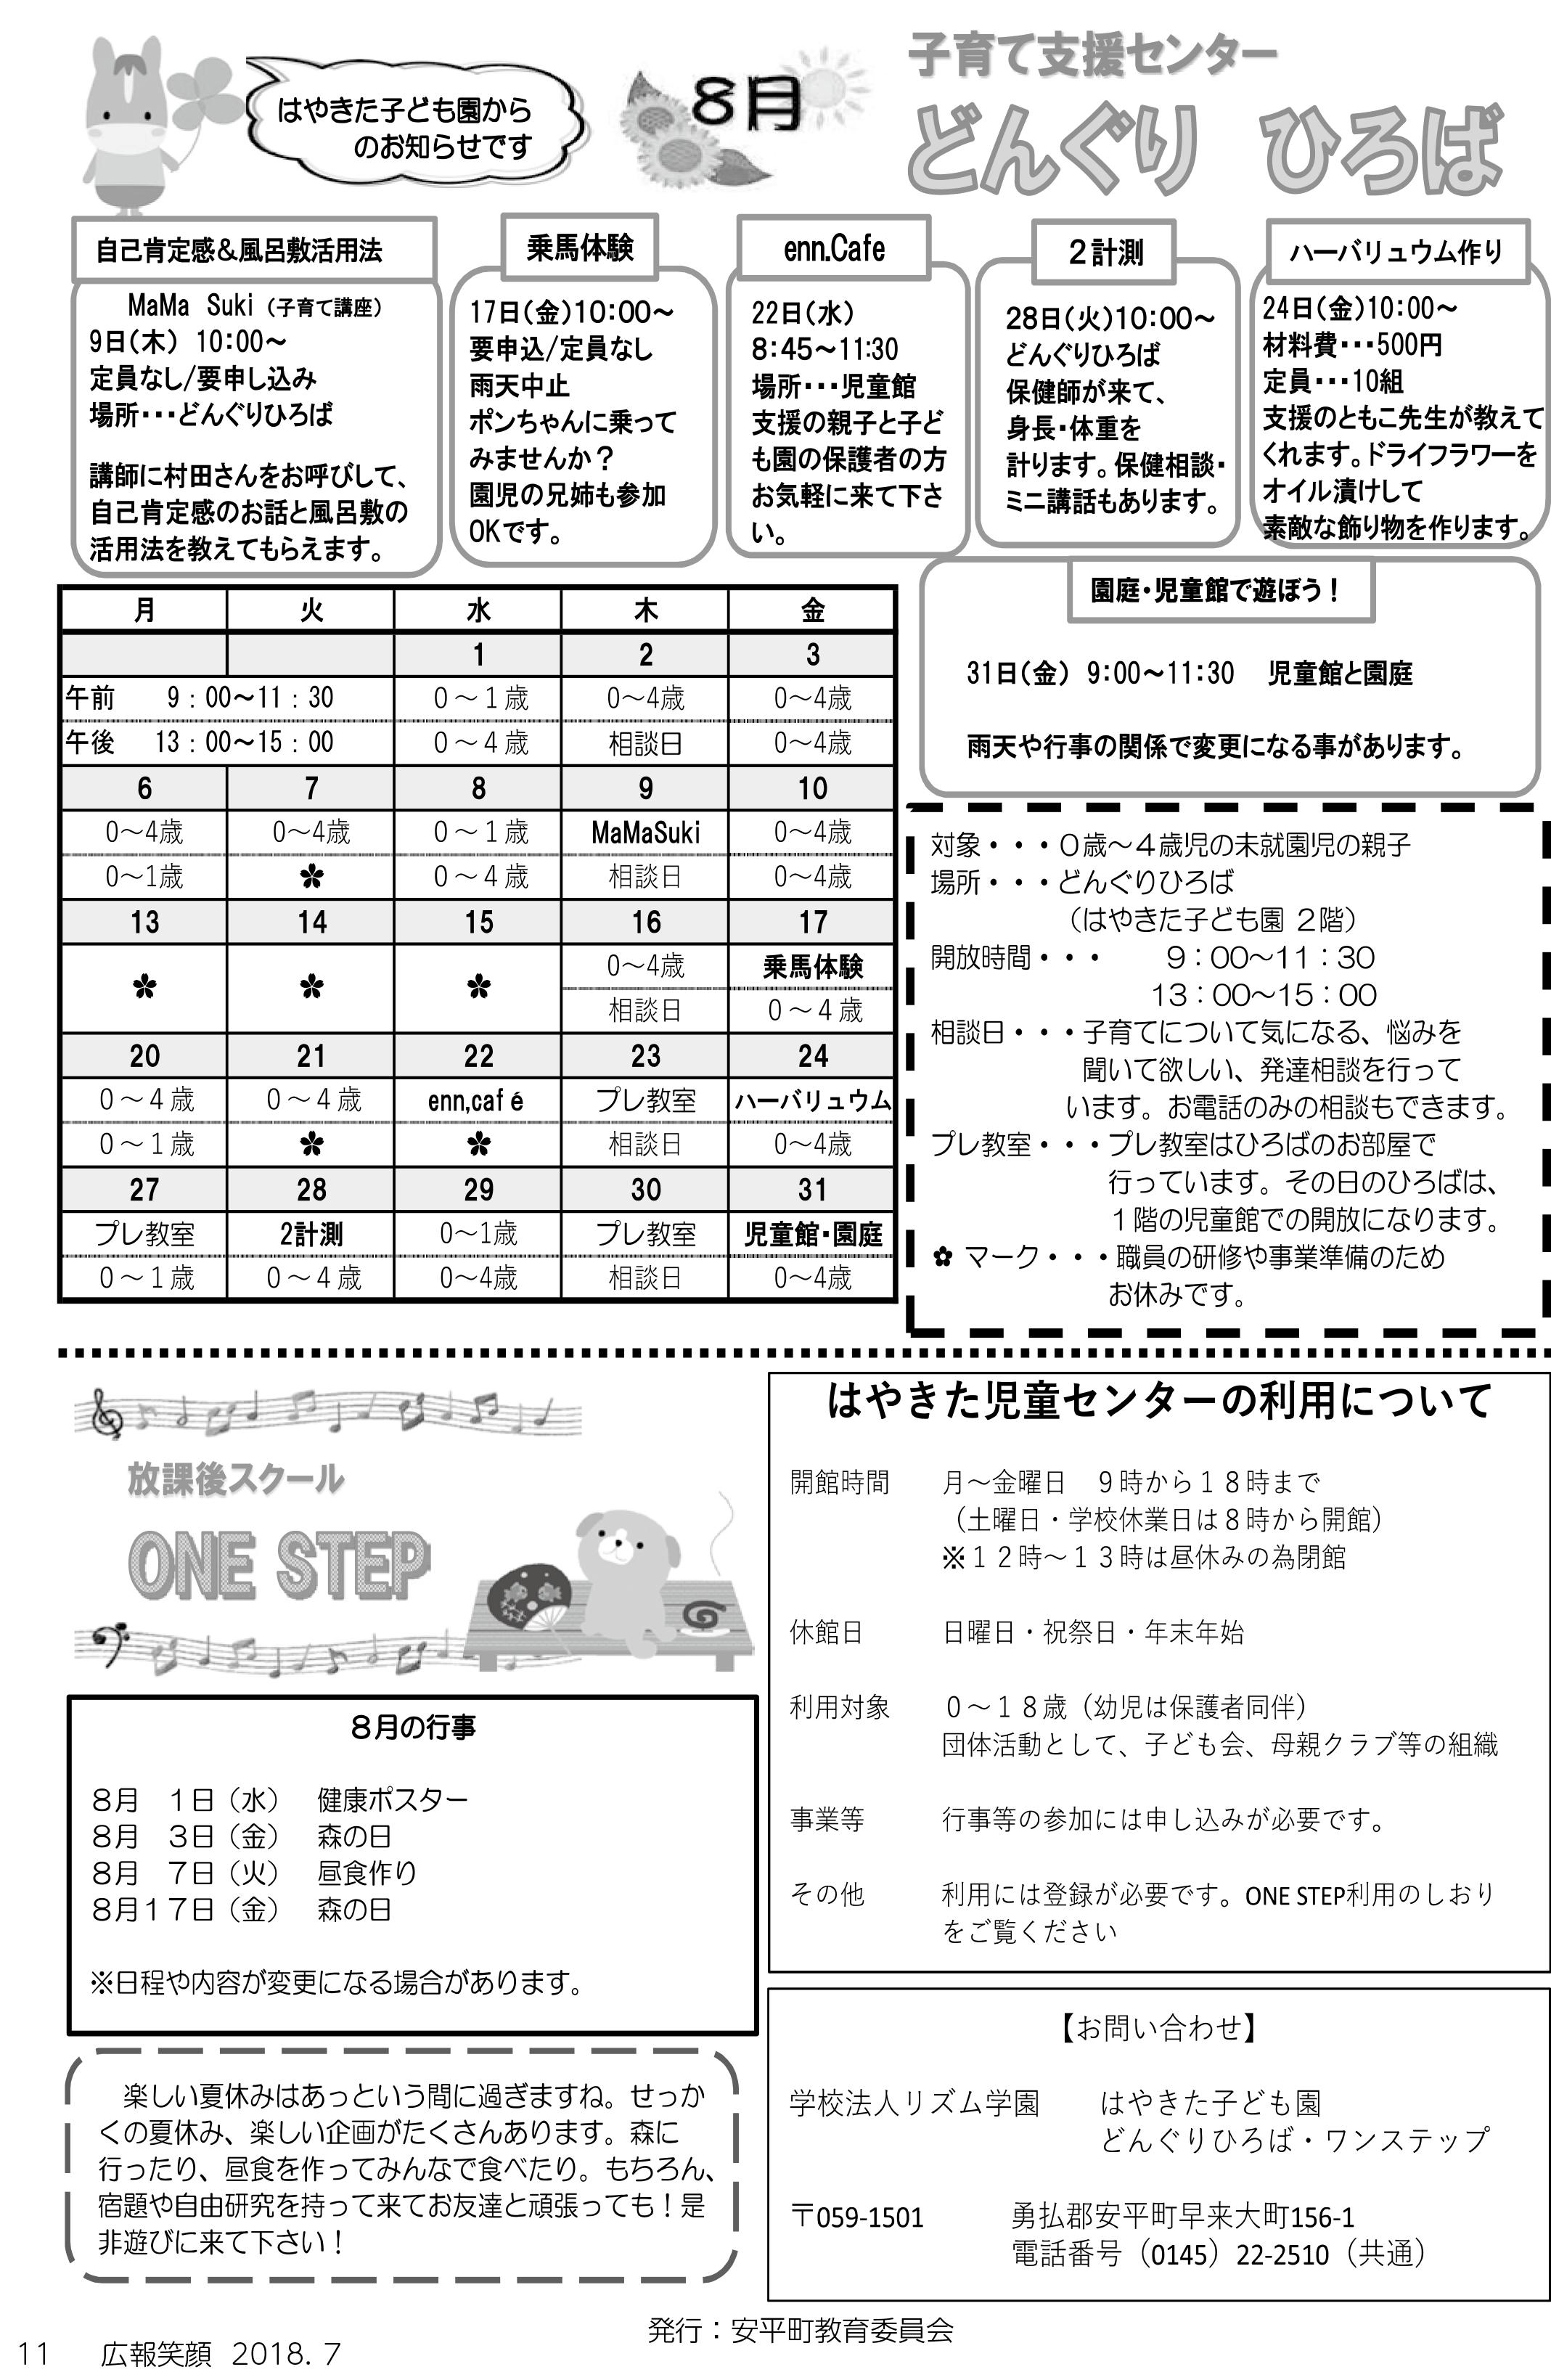 子育て支援センター予定表(早来地区)